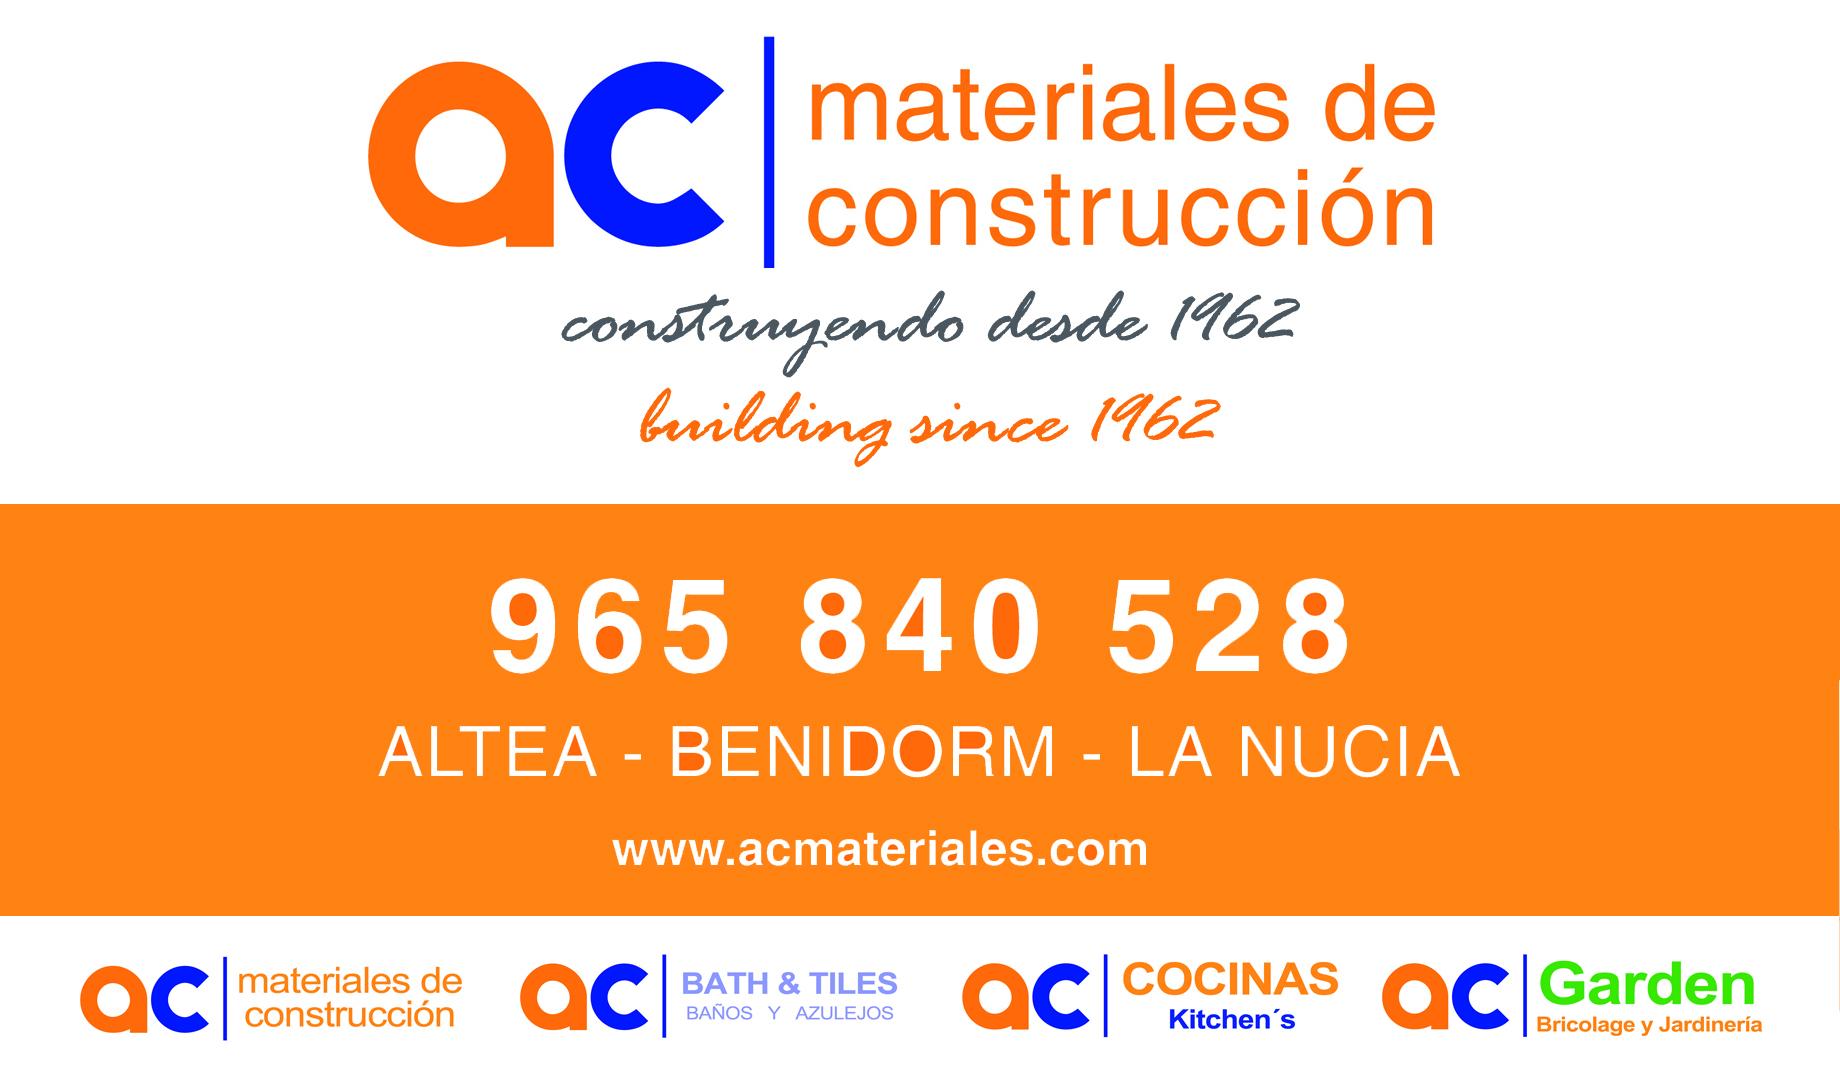 Ac Materiales De Construccion